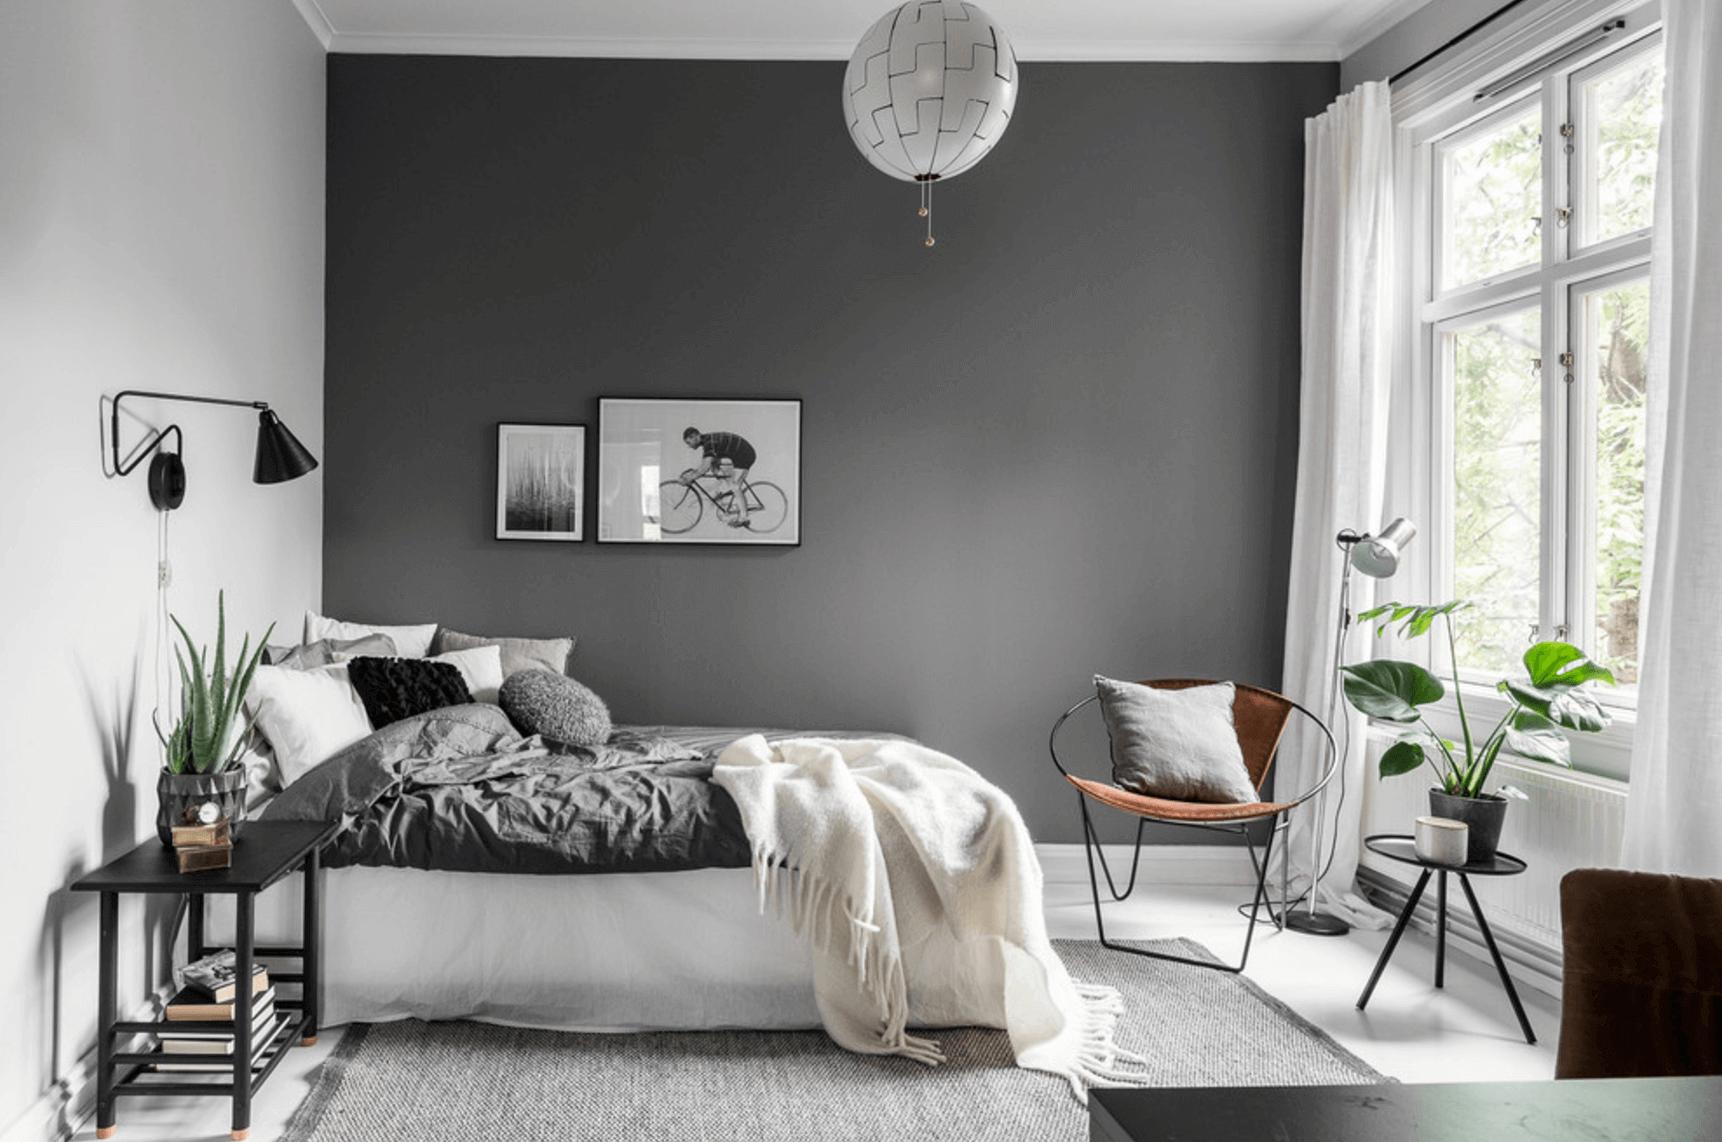 23 Cozy Grey Bedroom Ideas That You Will Adore Ikea Bedroom Design Small Room Bedroom Scandinavian Design Bedroom